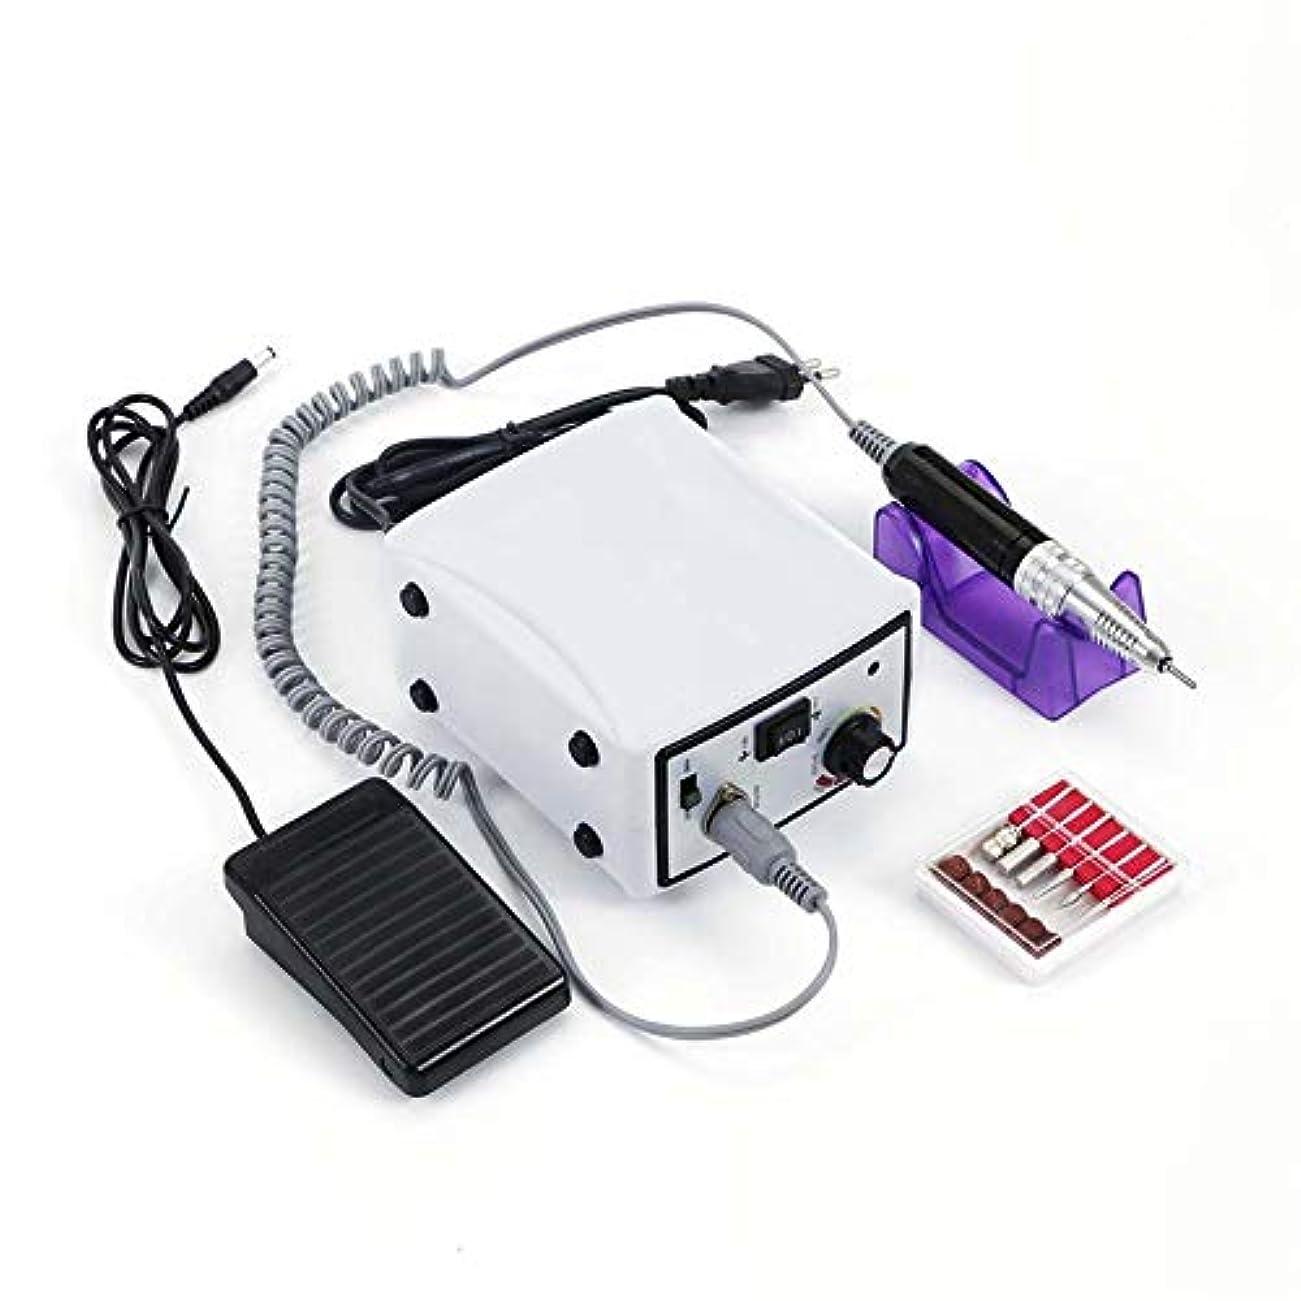 繁栄技術的な教授30,000RPMマシンネイル電動ネイルドリルコードレスアクリルネイルドリルマシンマニキュアペディキュアアートパウダーポリッシャージェルネイルグラインダーツール,白